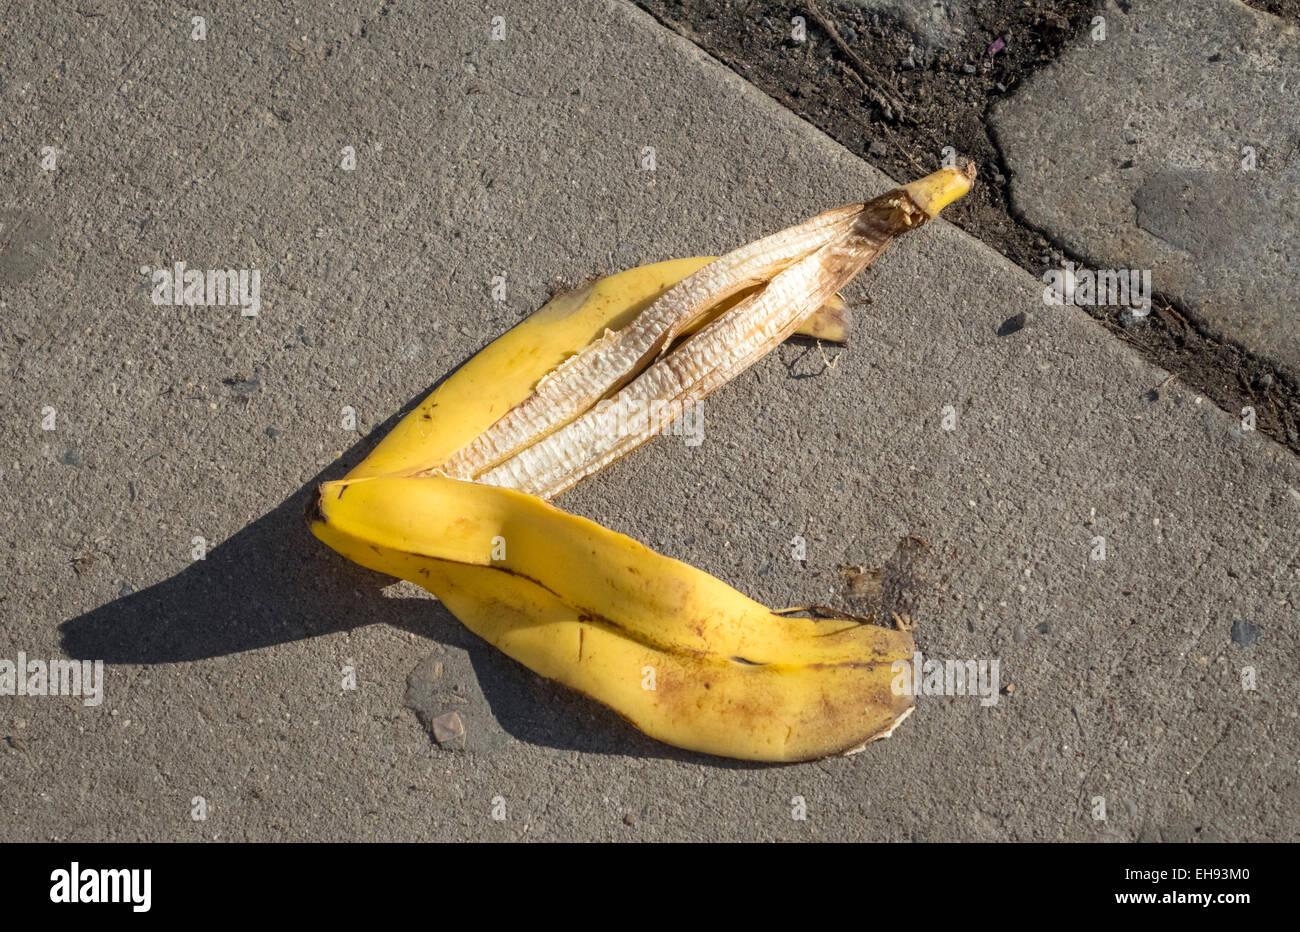 Wops! Achten Sie darauf, rutscht auf einer Bananenschale Stockbild